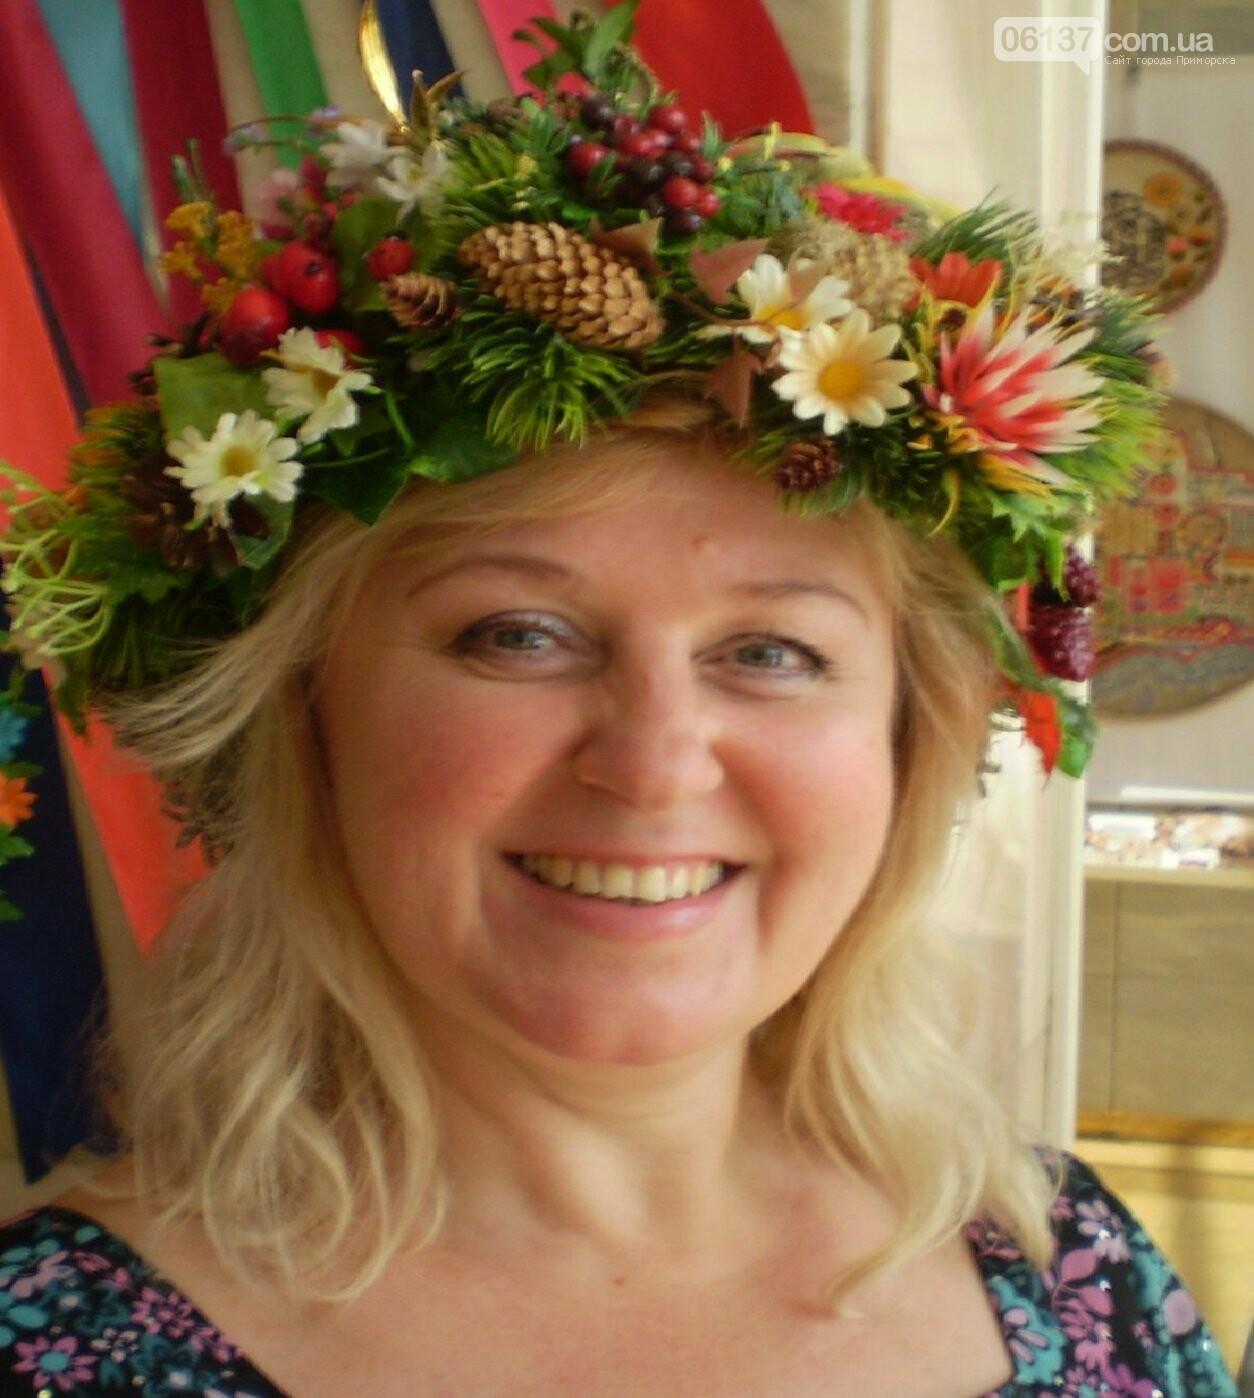 В Приморске готовятся отметить Международный день театра, фото-1